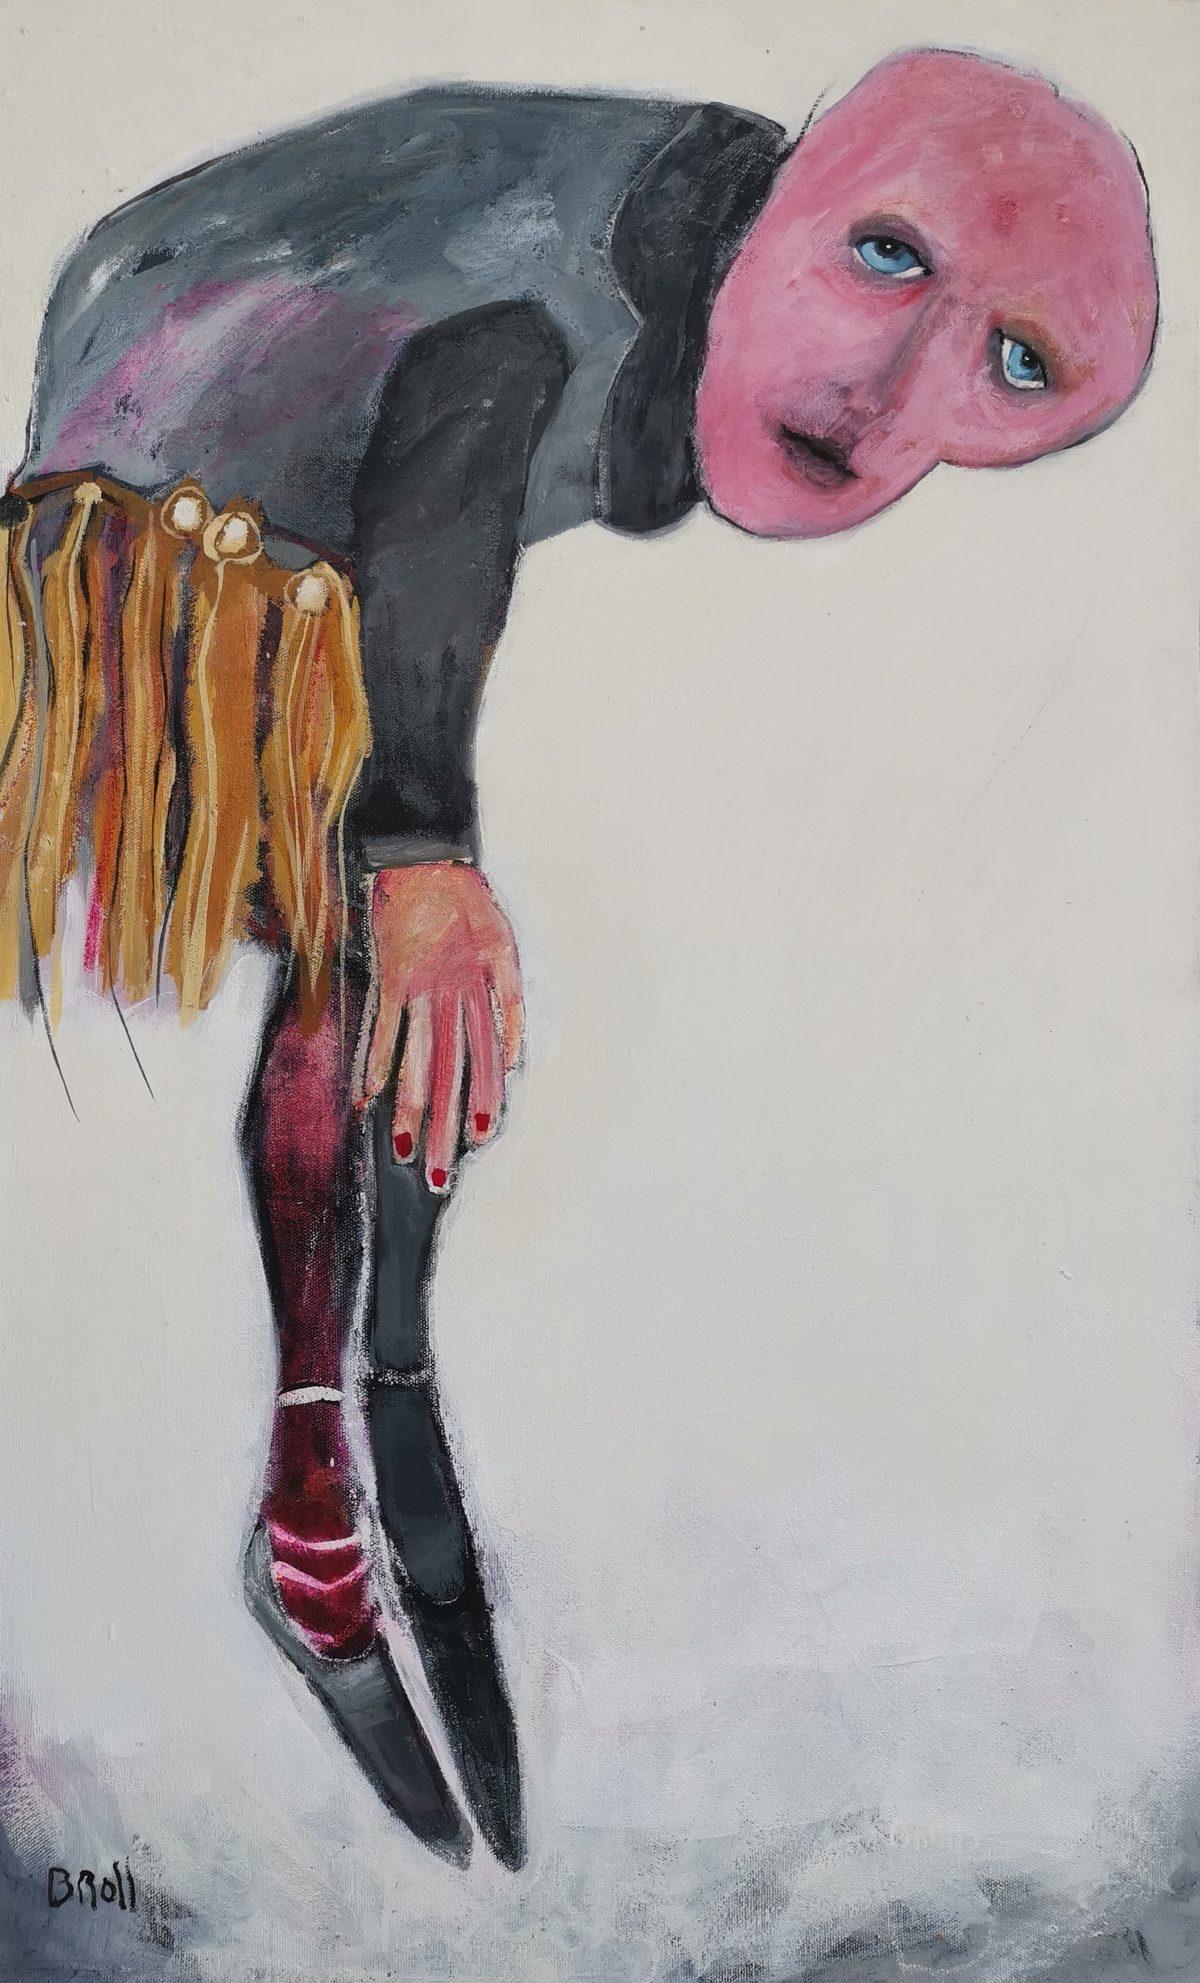 Terri Broll - Oil and wax